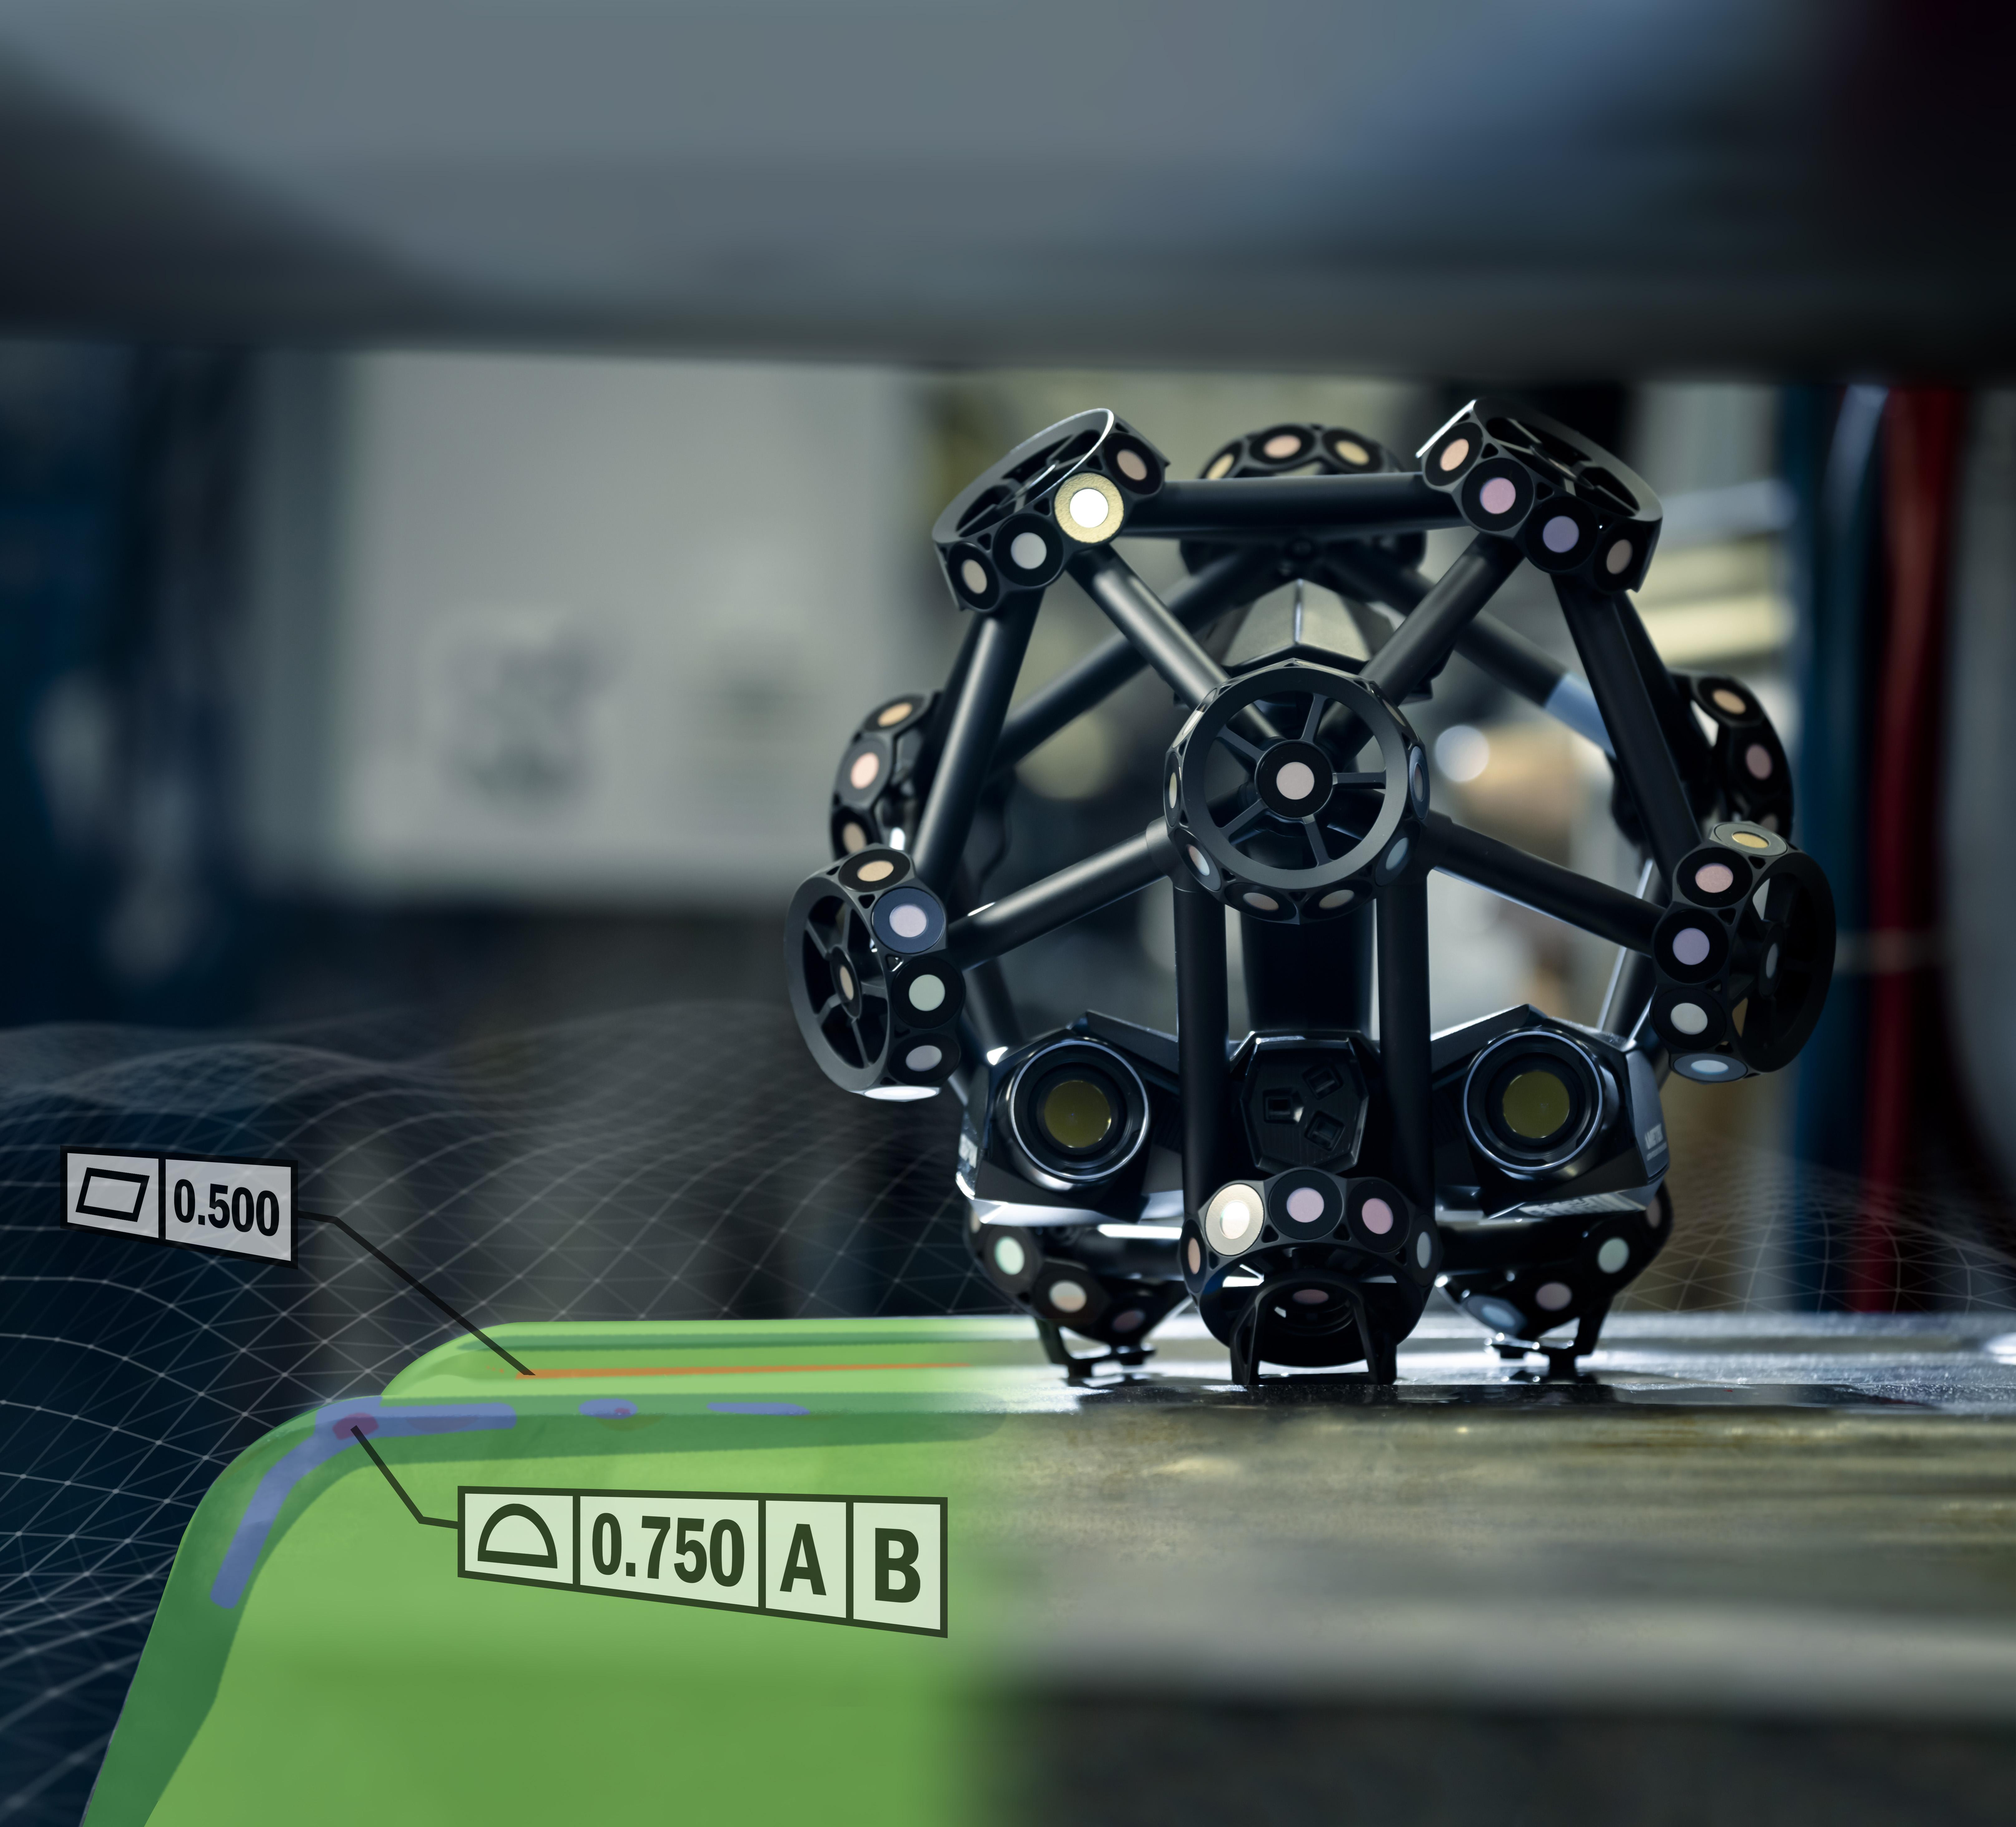 metrascan3d-shop-floor-scanning-probing-system-front